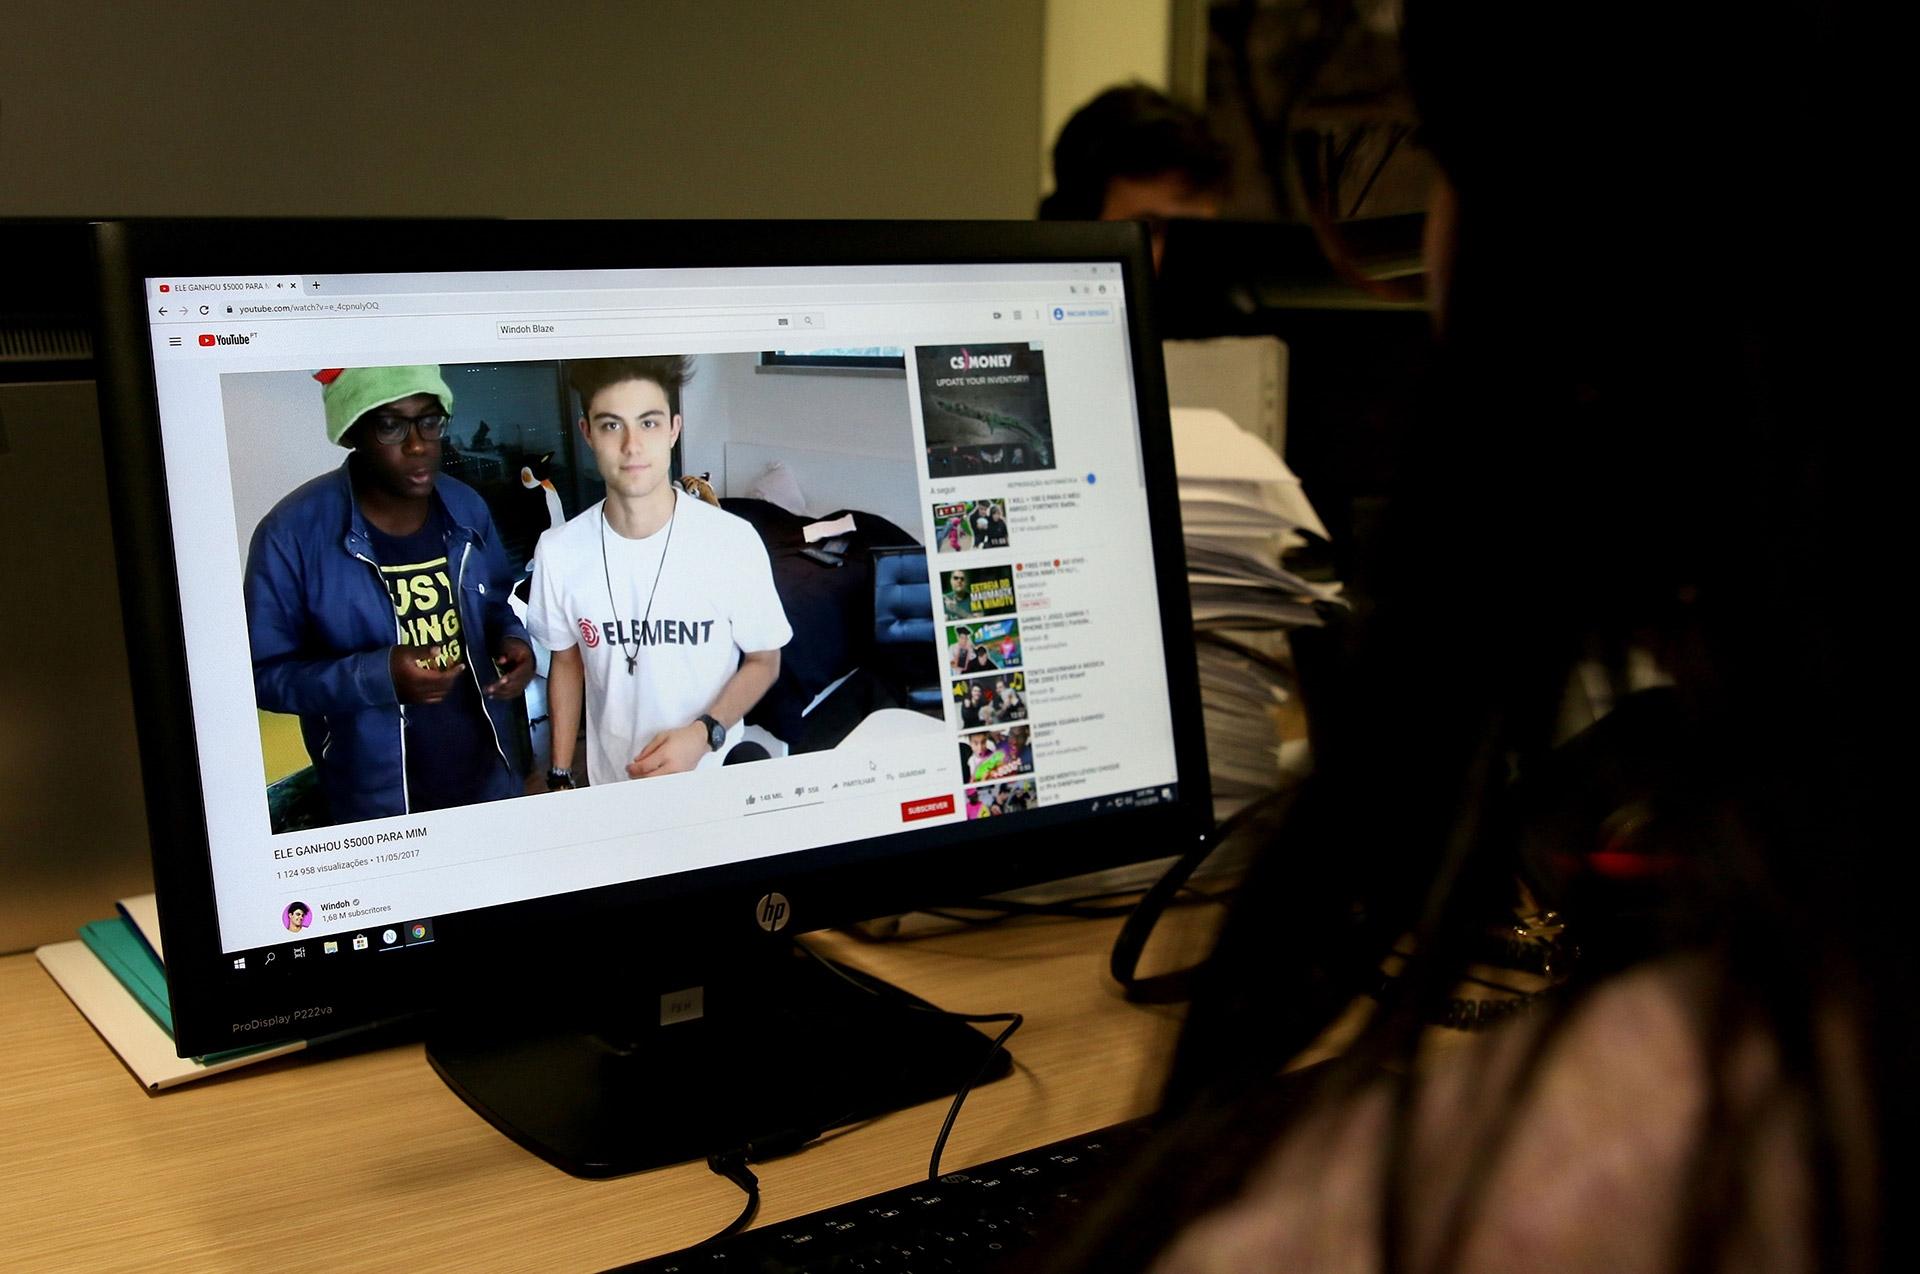 Dezenas de vídeos a promover jogo online foram bloqueados pelo Youtube. Foto: Inês Rocha/RR